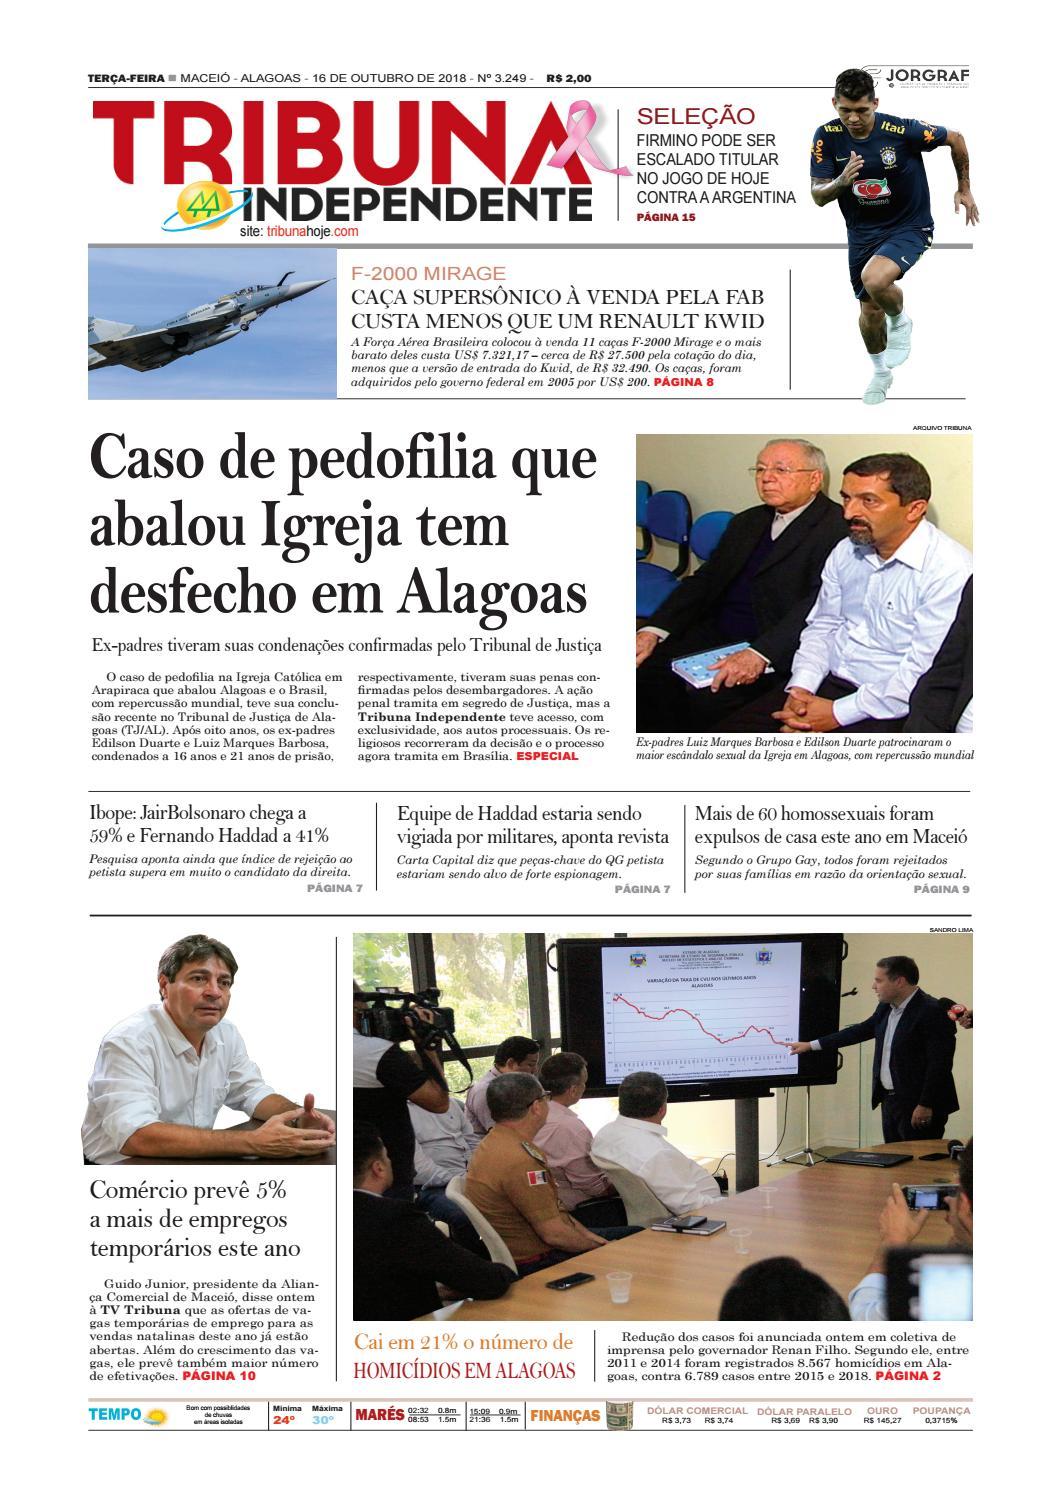 Edição número 3249 - 16 de outubro de 2018 by Tribuna Hoje - issuu 266b77dcf161b